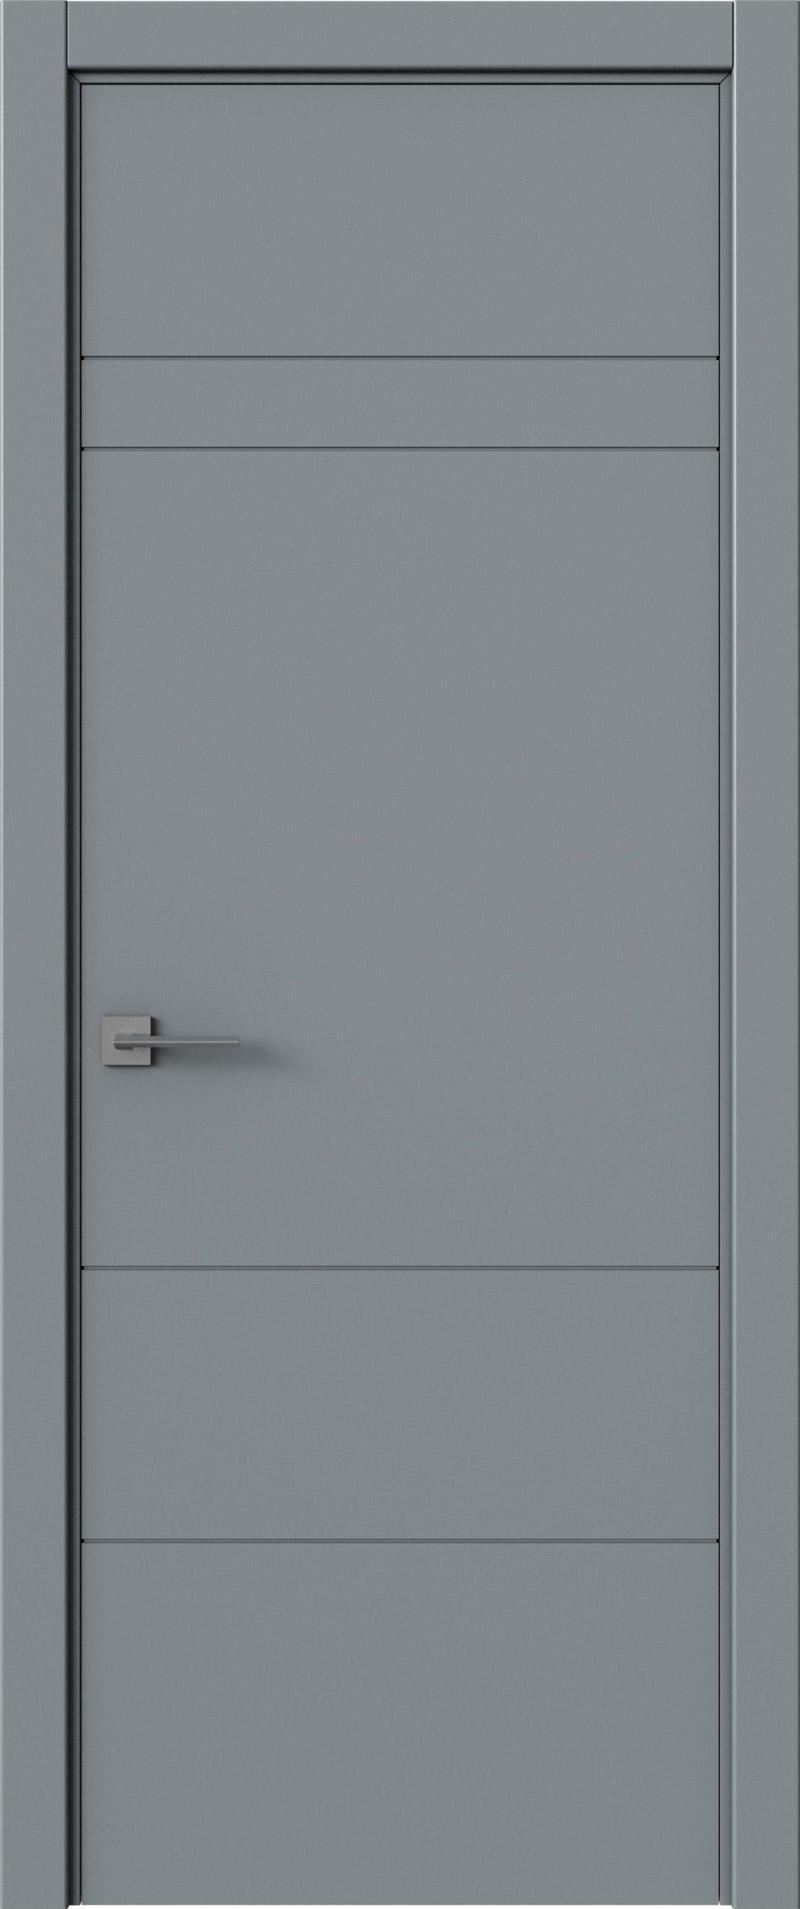 Tivoli К-2 цвет - Серебристо-серая эмаль (RAL 7045) Без стекла (ДГ)